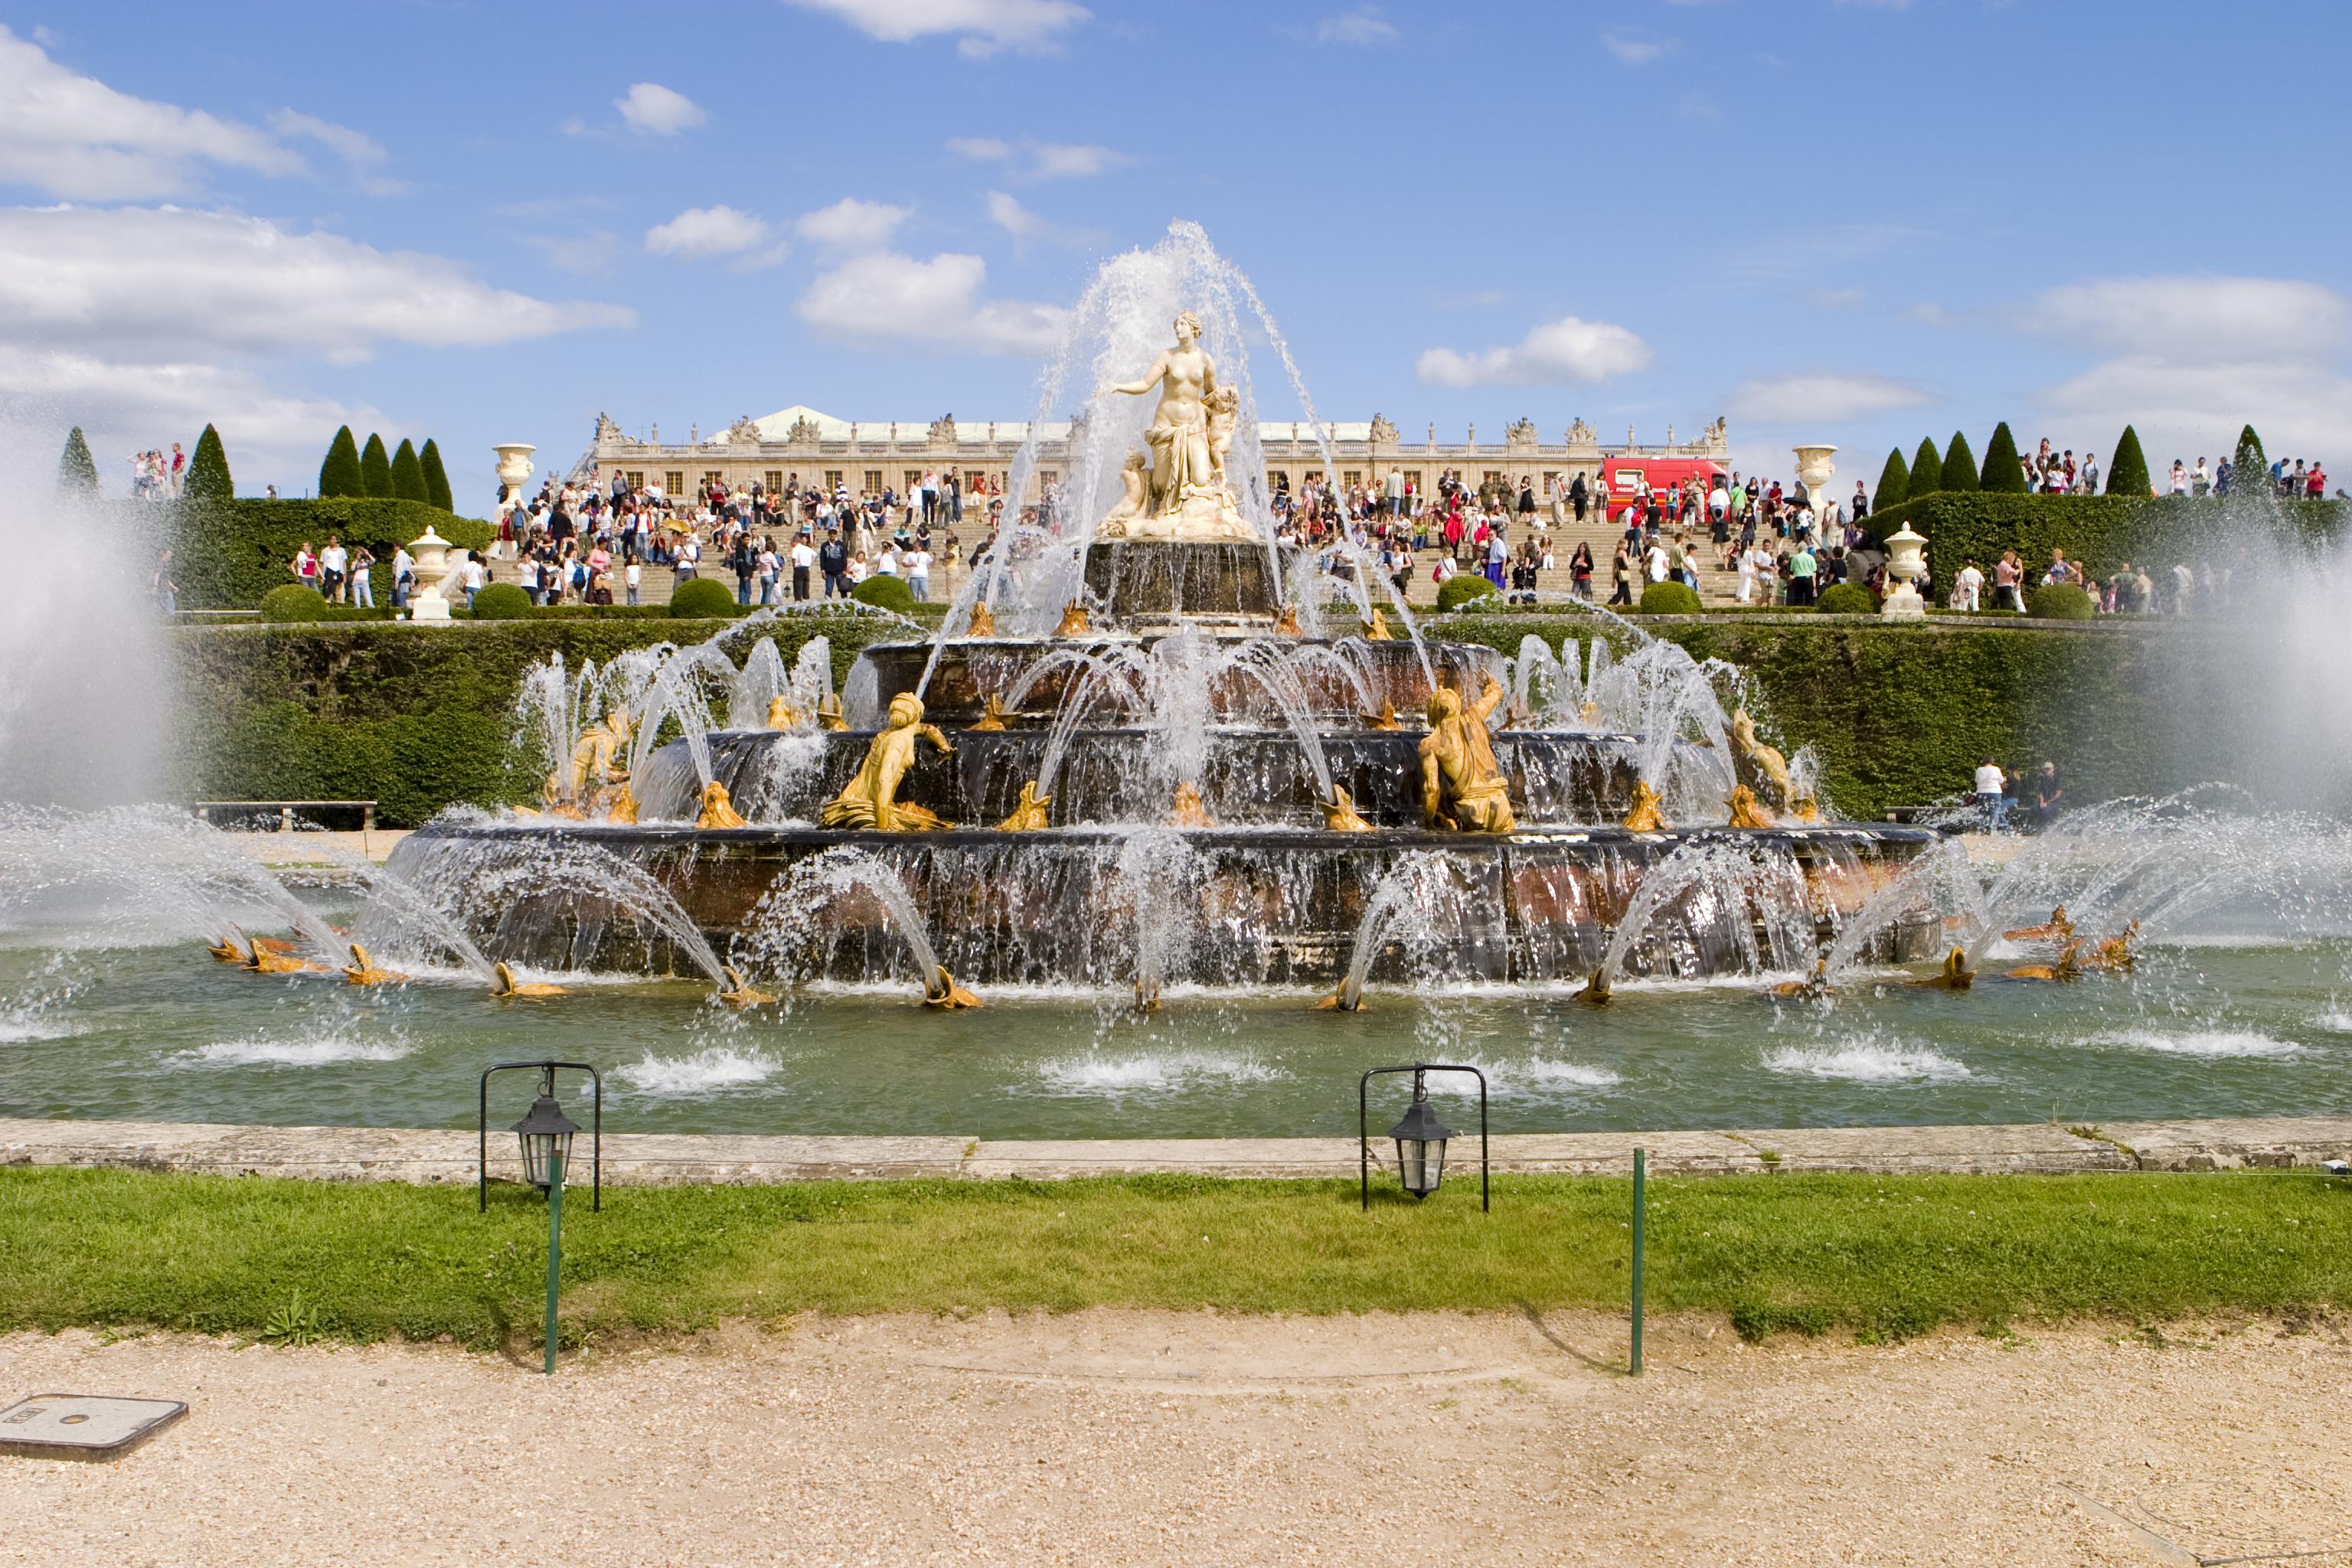 Biglietti reggia di versailles show fontane giardini